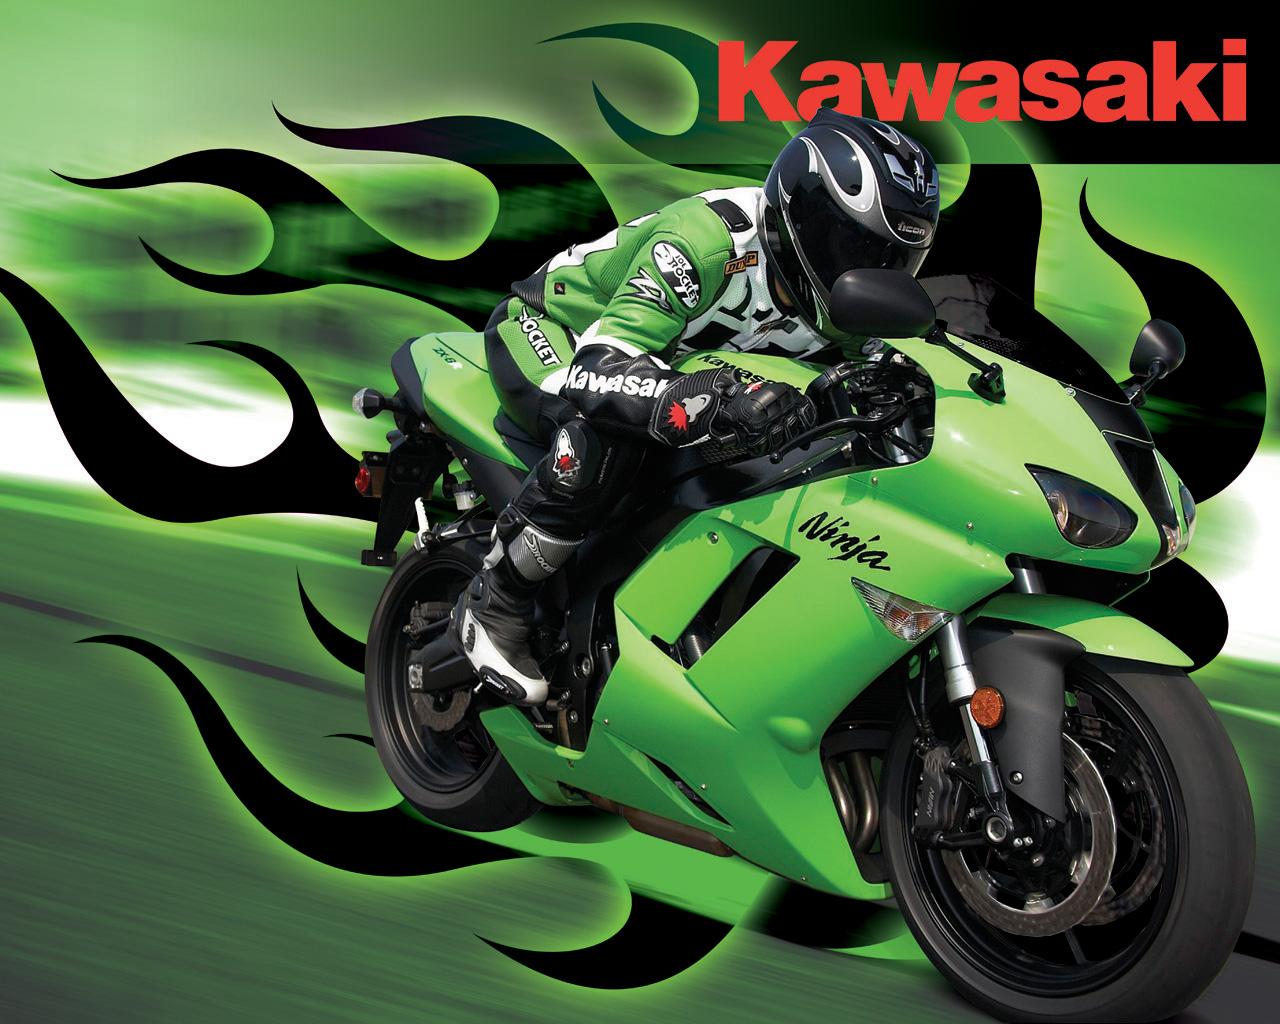 Kawasaki Ninja Hd Quality Wallpapers For Free